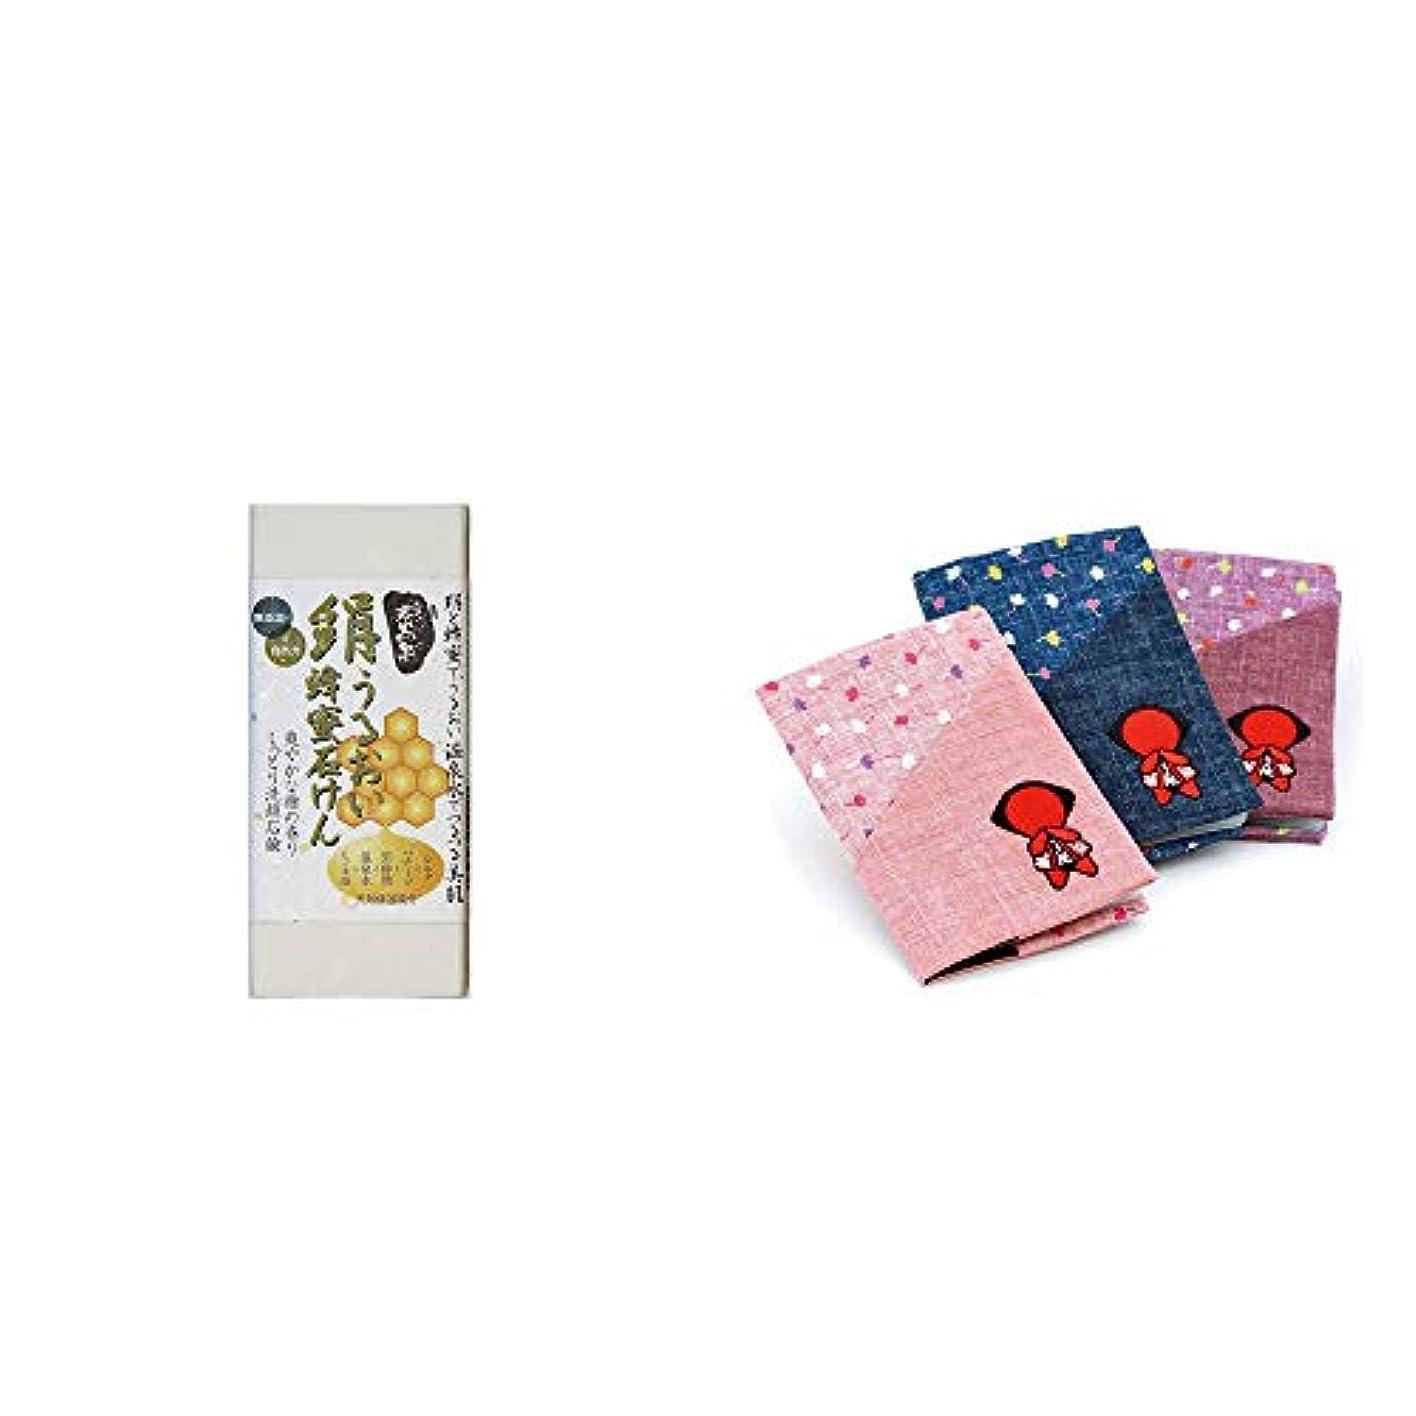 死サイドボードフィドル[2点セット] ひのき炭黒泉 絹うるおい蜂蜜石けん(75g×2)?おねがいさるぼぼ カードケース【ピンク】